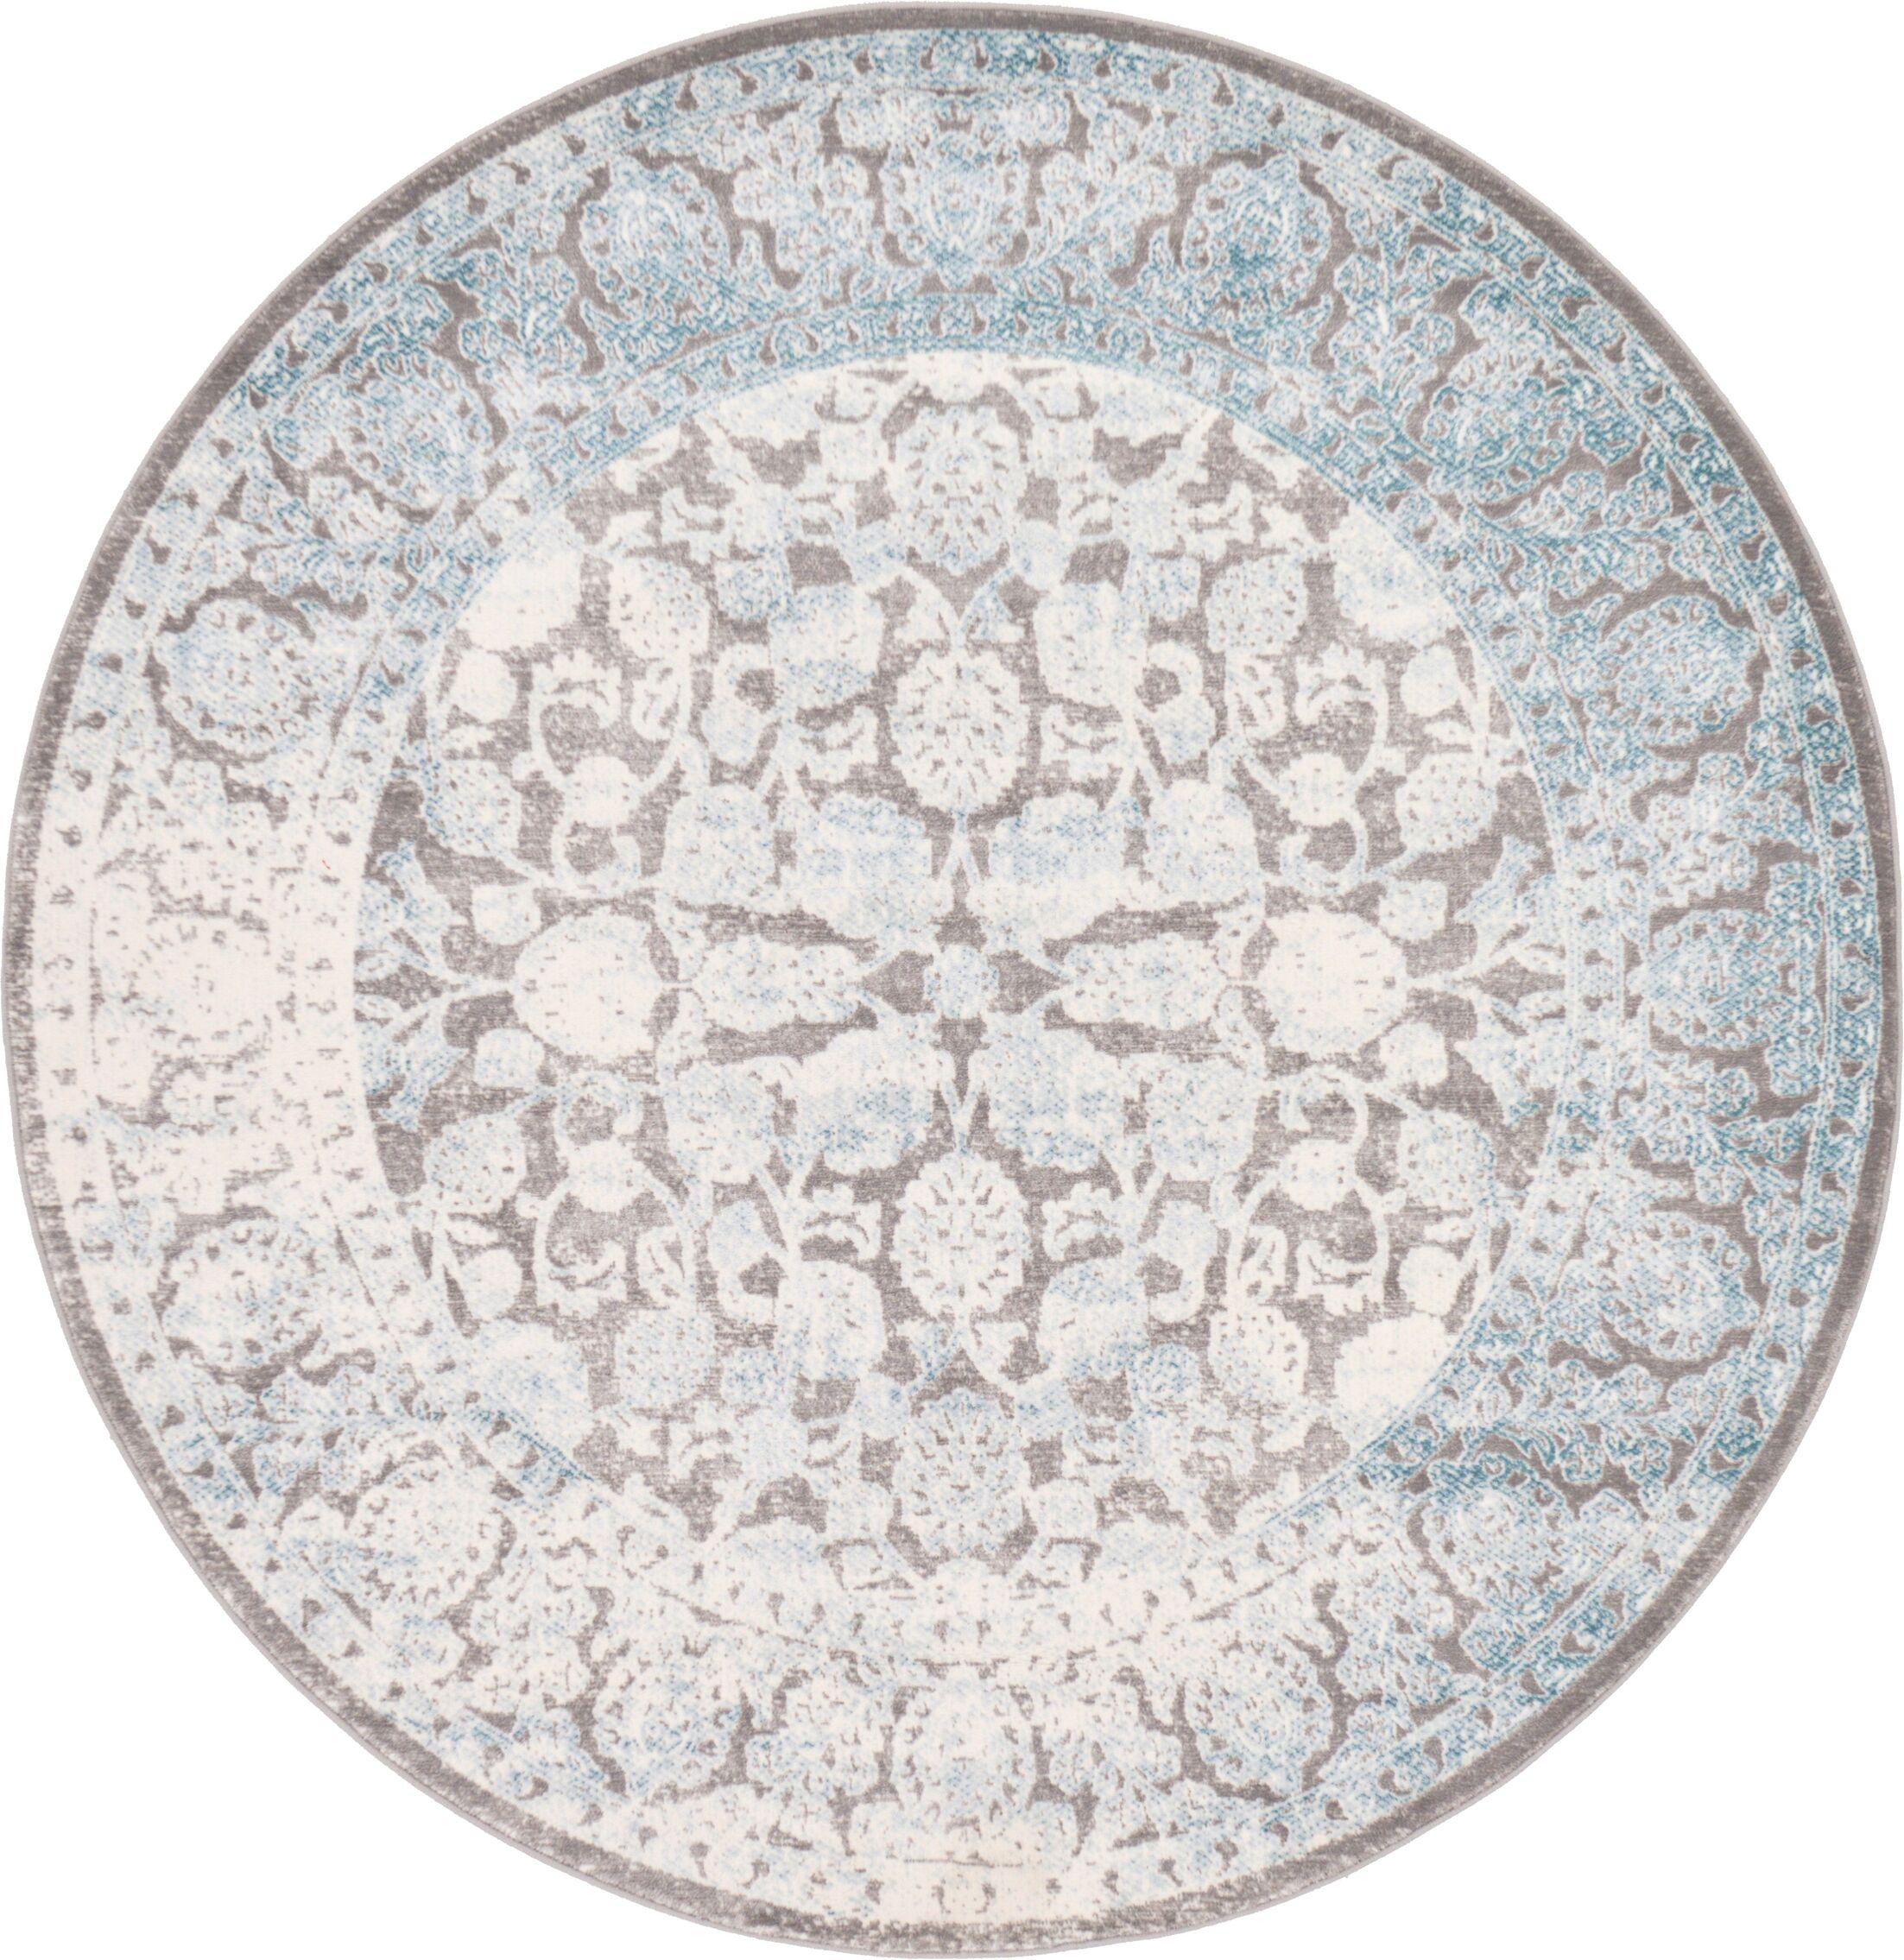 Patenaude Light Gray Oriental Area Rug Rug Size: Round 6'